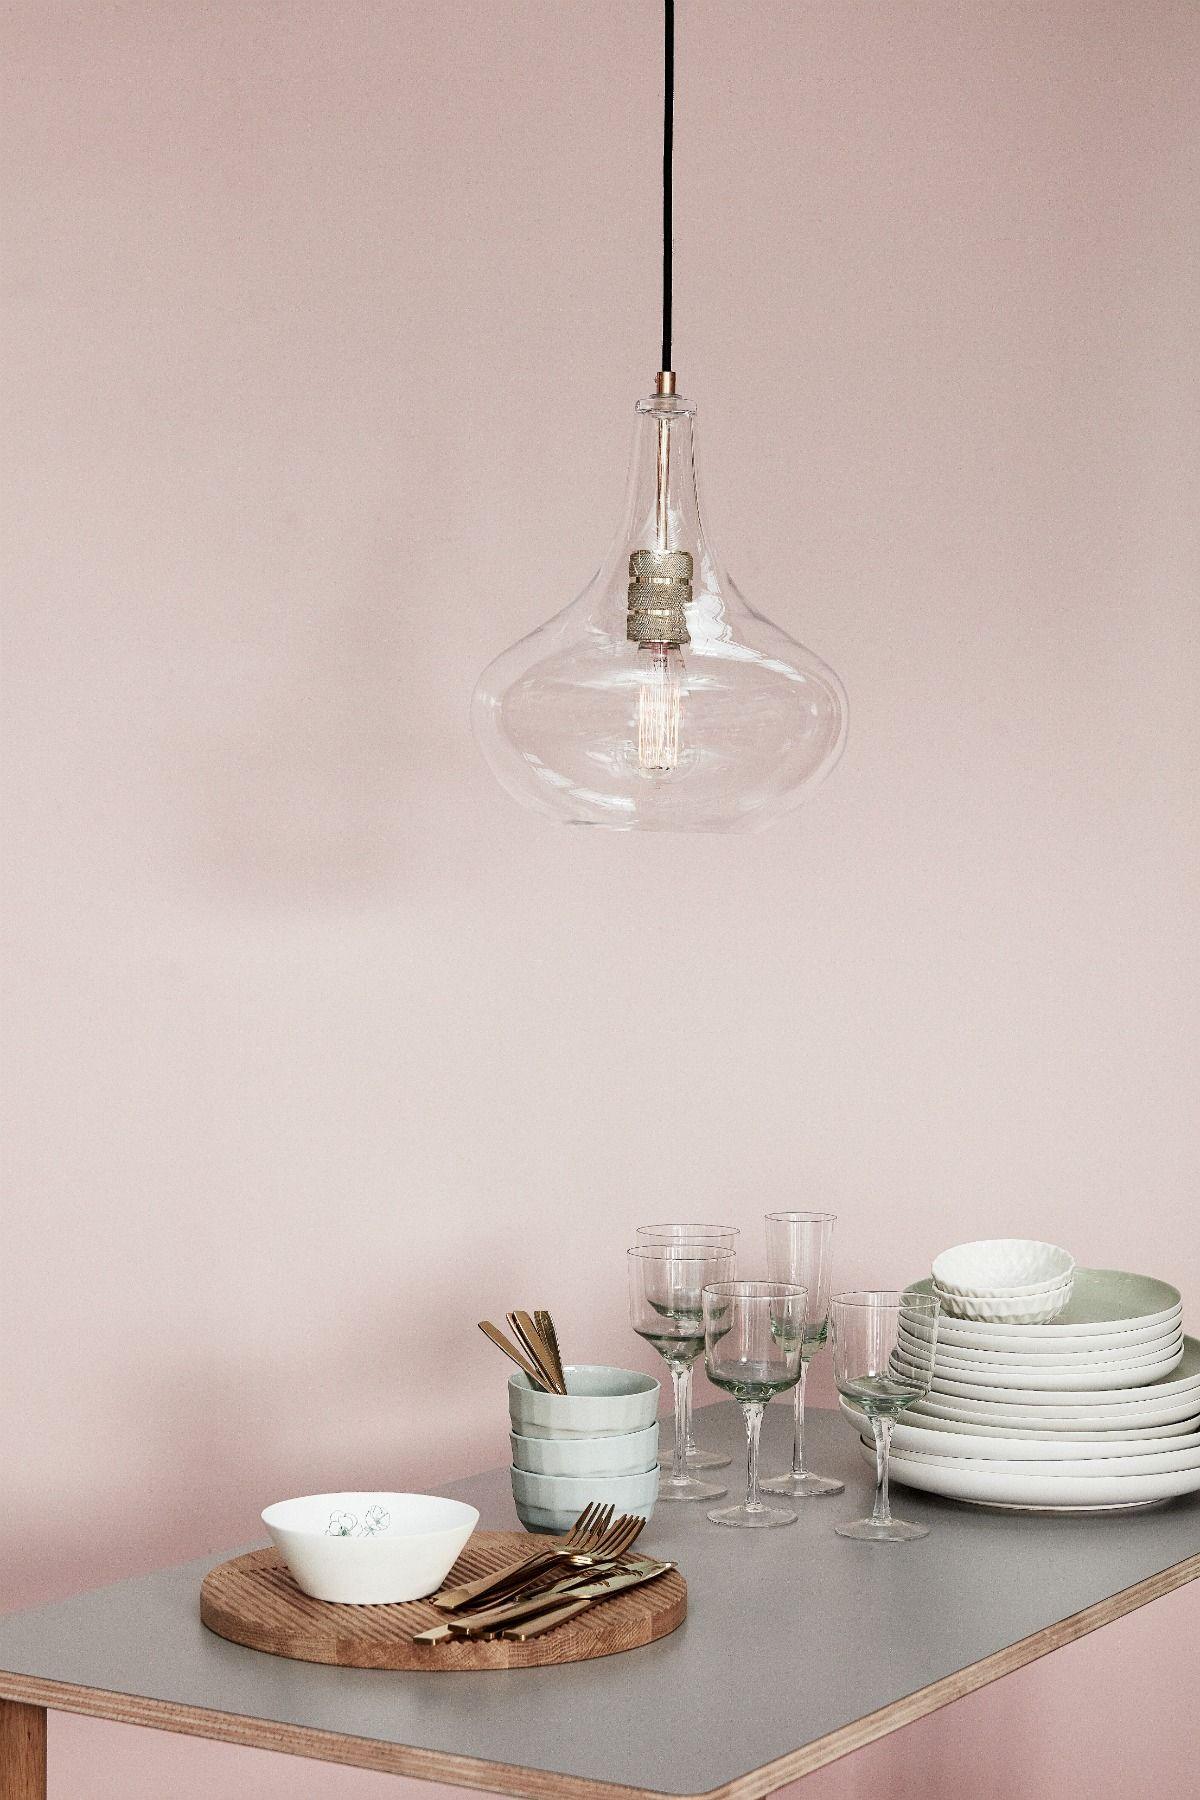 HÜBSCH Deckenlampe Glas Messing Lampen, Deckenlampe und